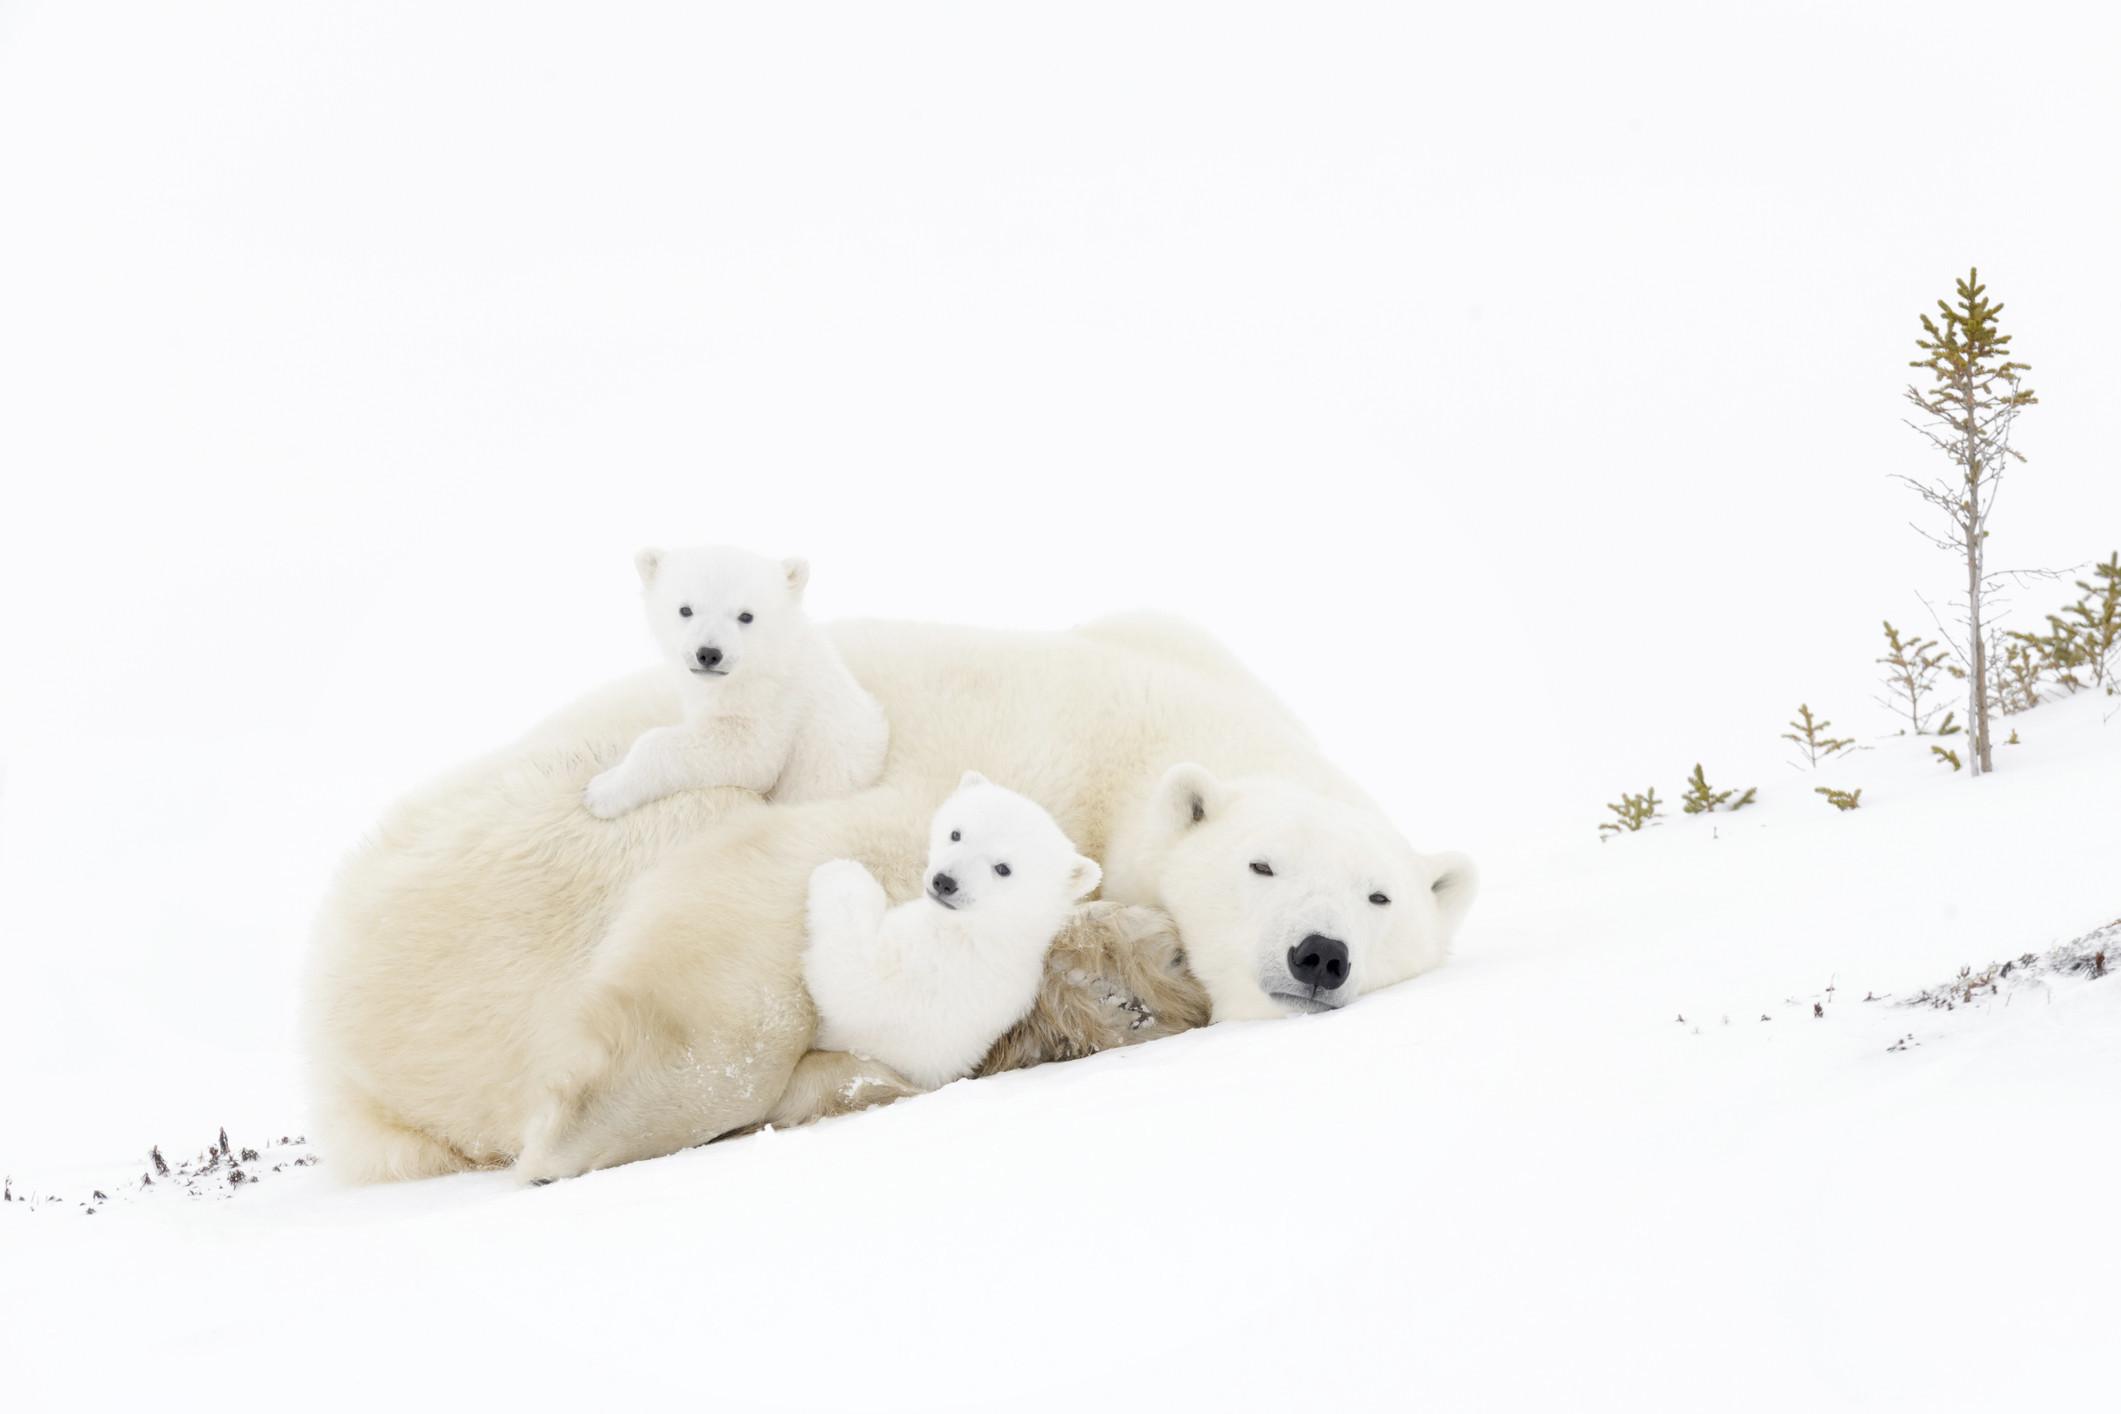 Mundo animal: veja a fofura destes filhotes com a família